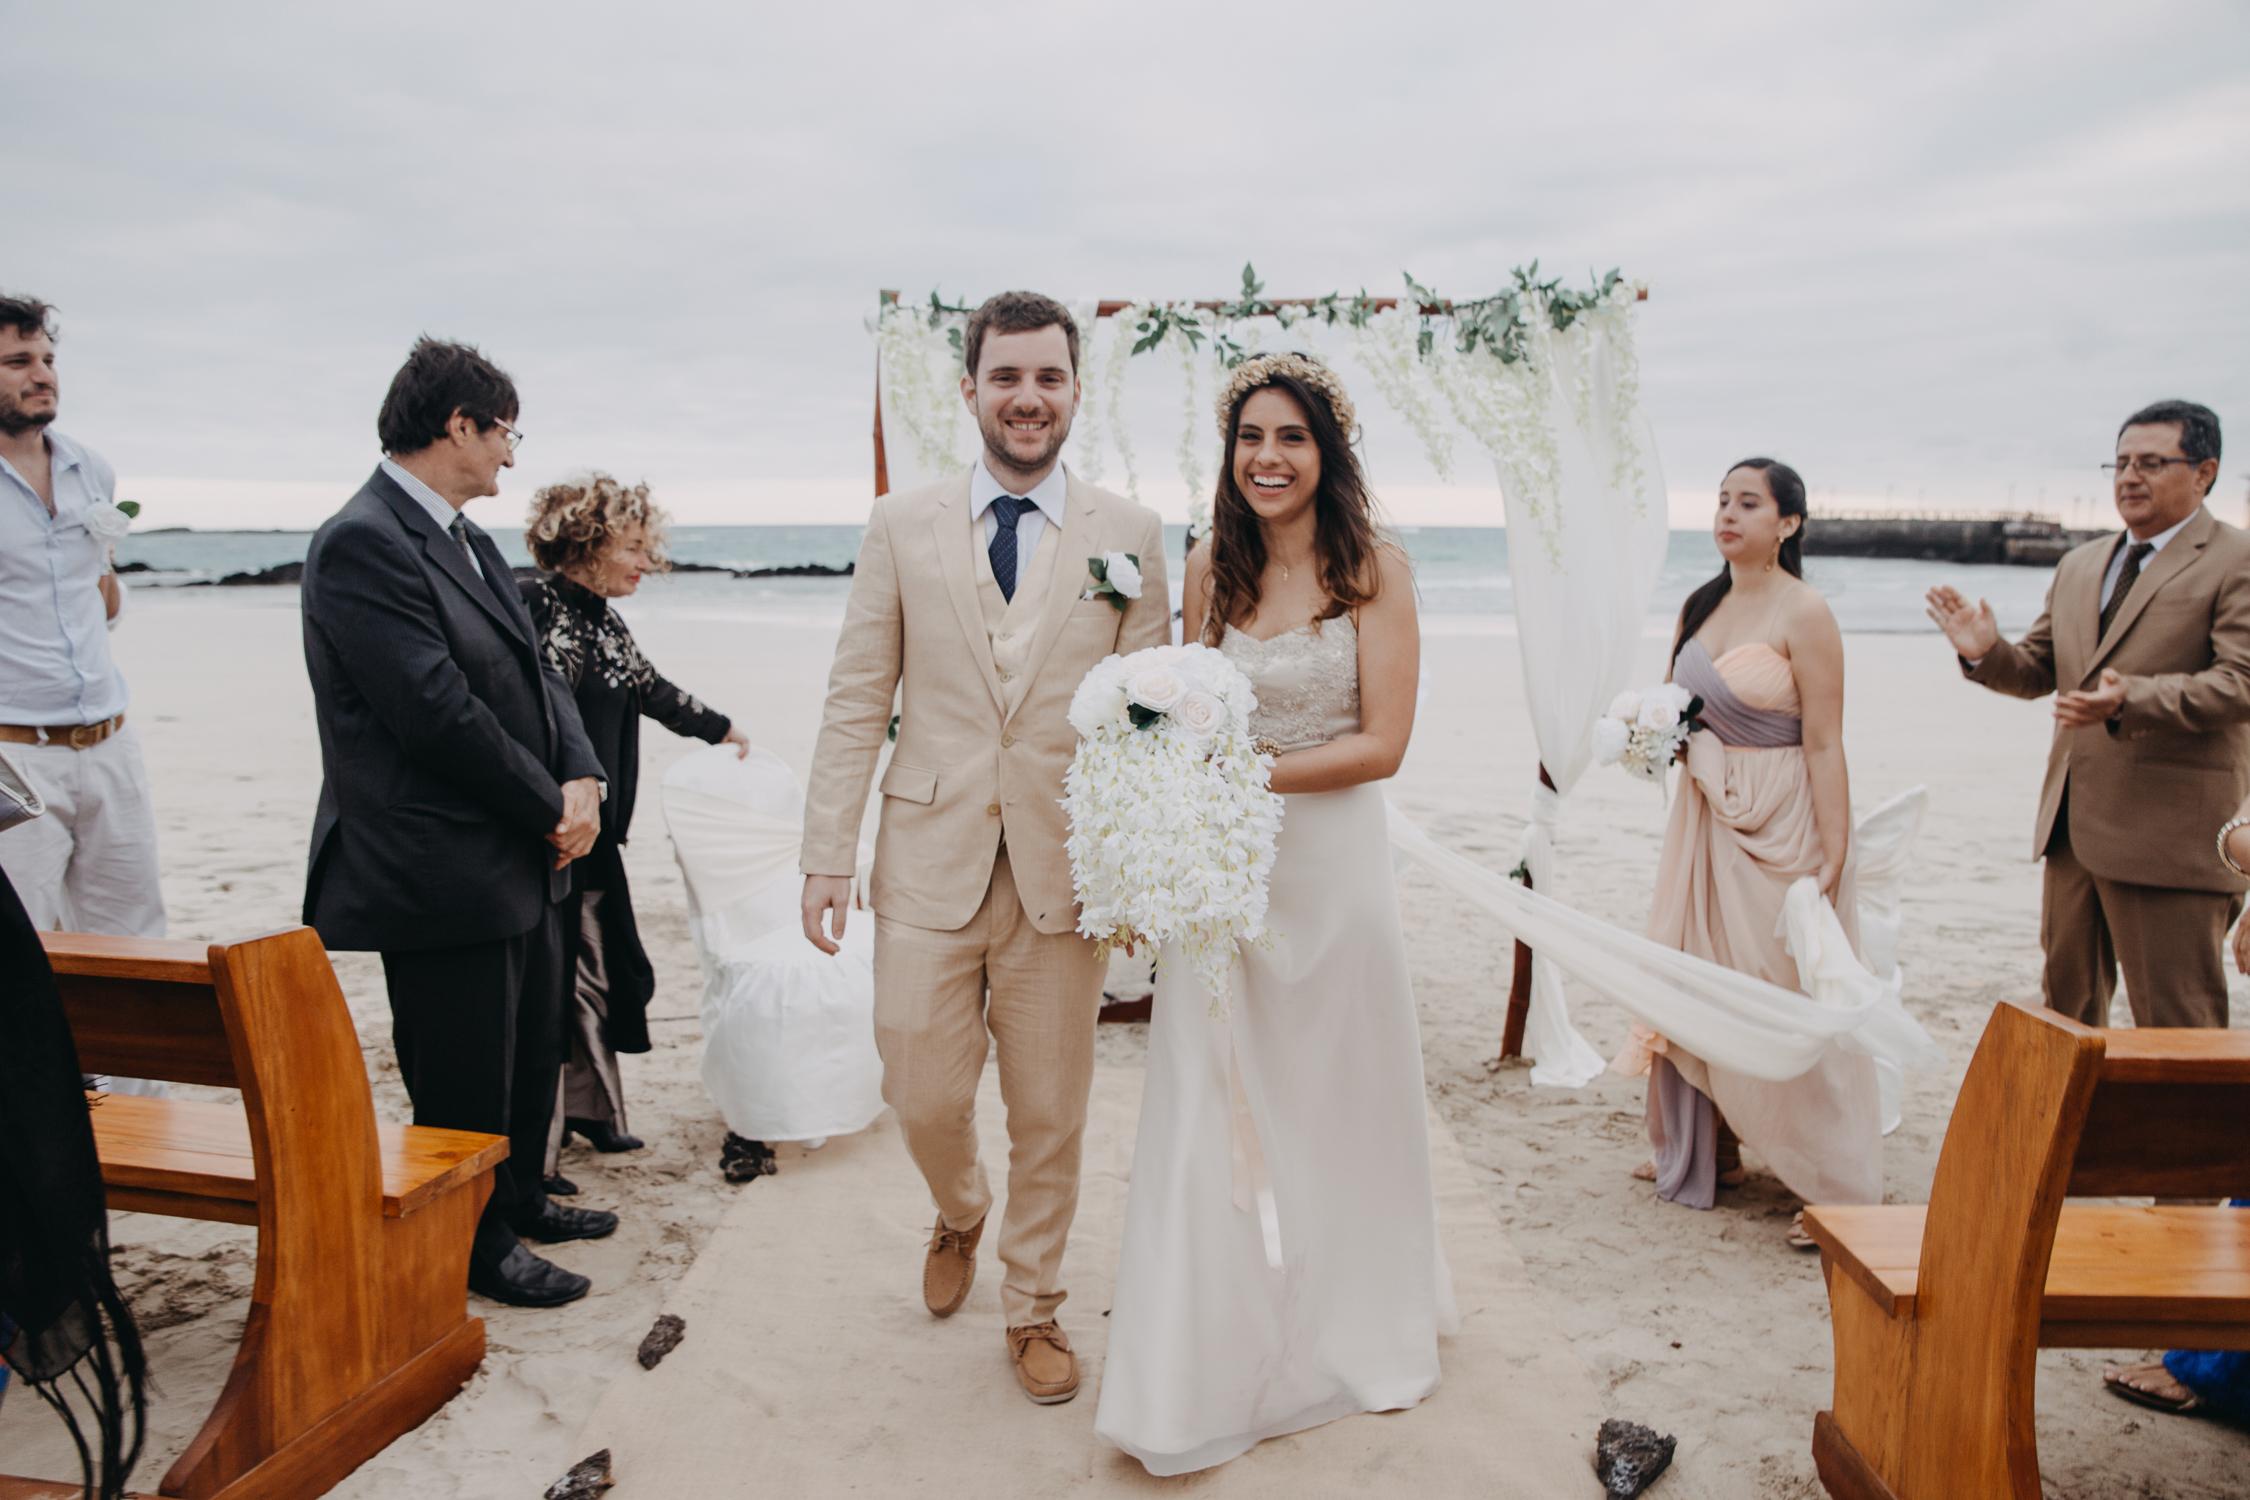 Michelle-Agurto-Fotografia-Bodas-Ecuador-Destination-Wedding-Photographer-Galapagos-Andrea-Joaquin-157.JPG